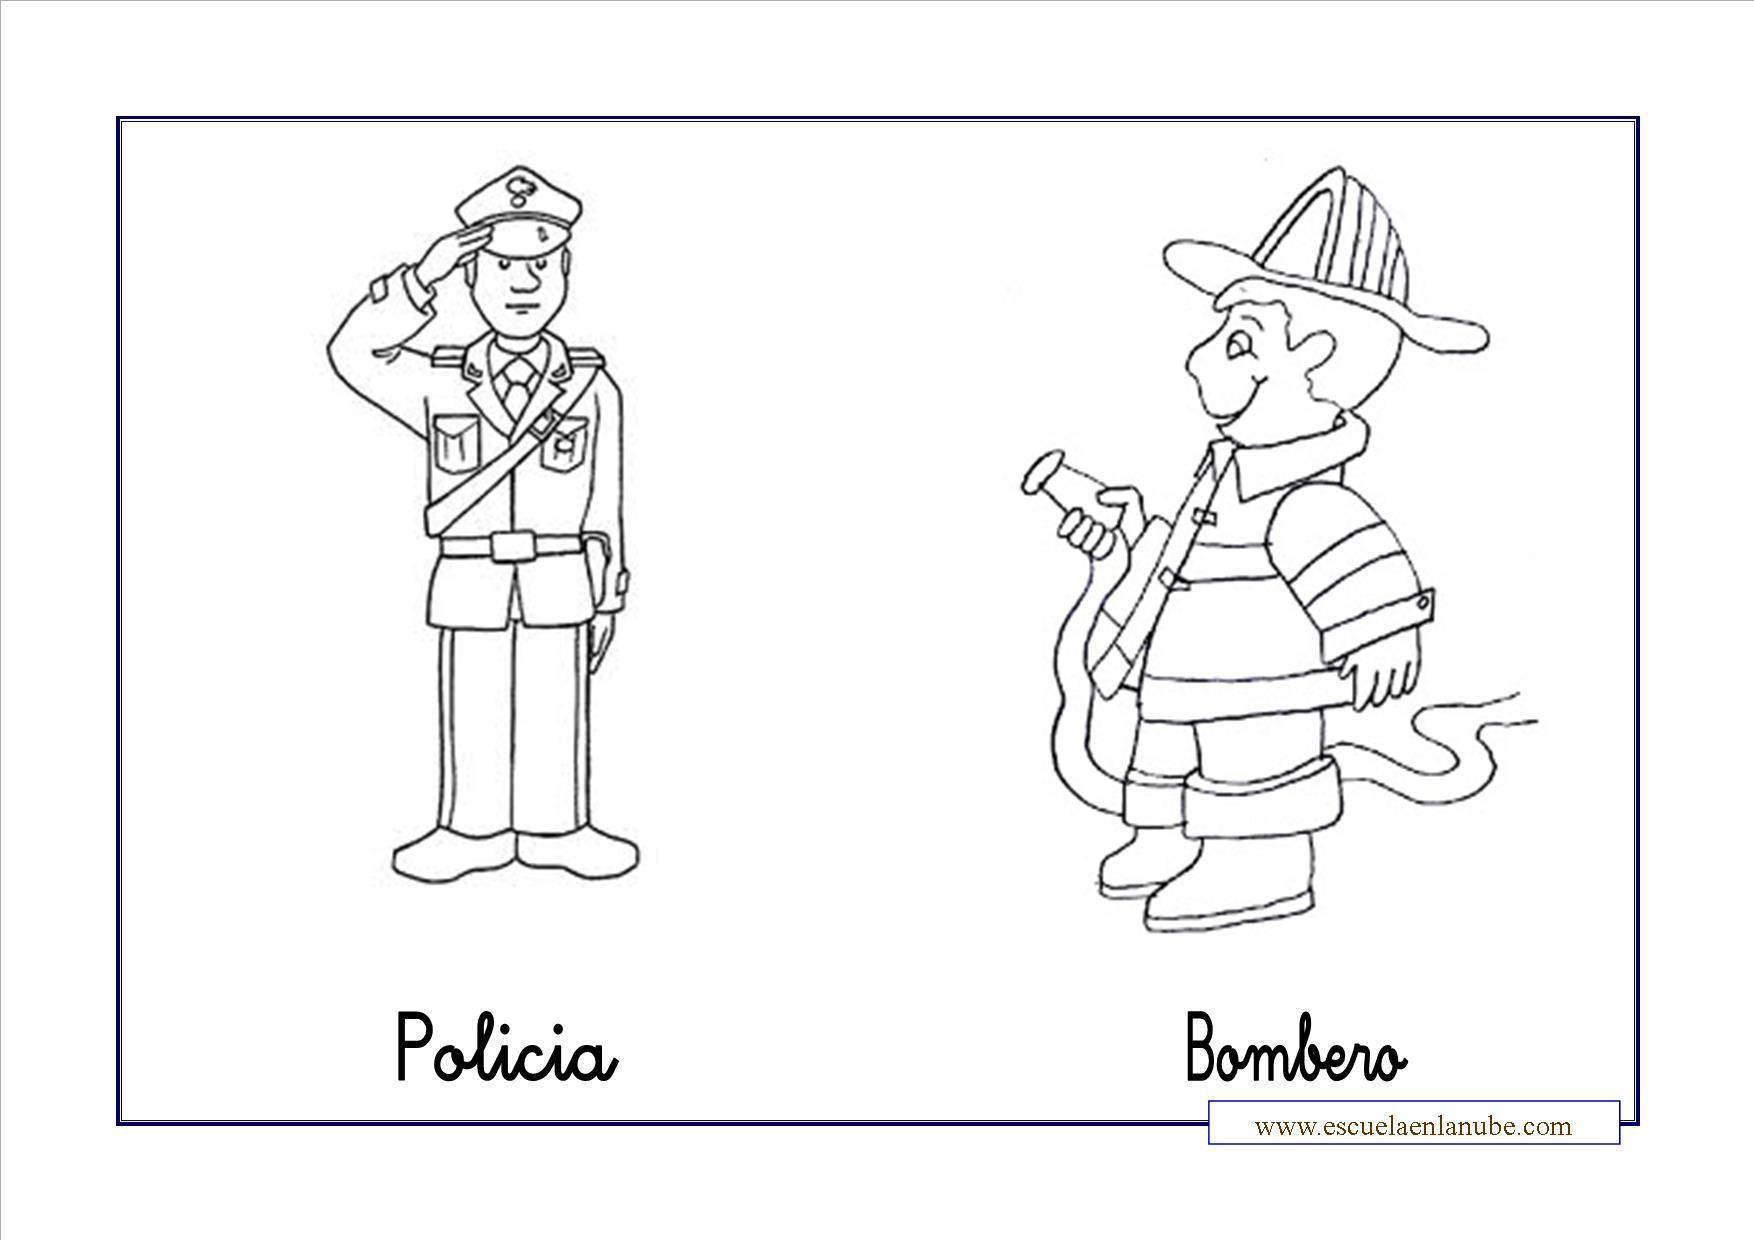 Comunidad Dibujo Para Colorear: Dibujos Para Colorear Depreescolar De La Comunidad